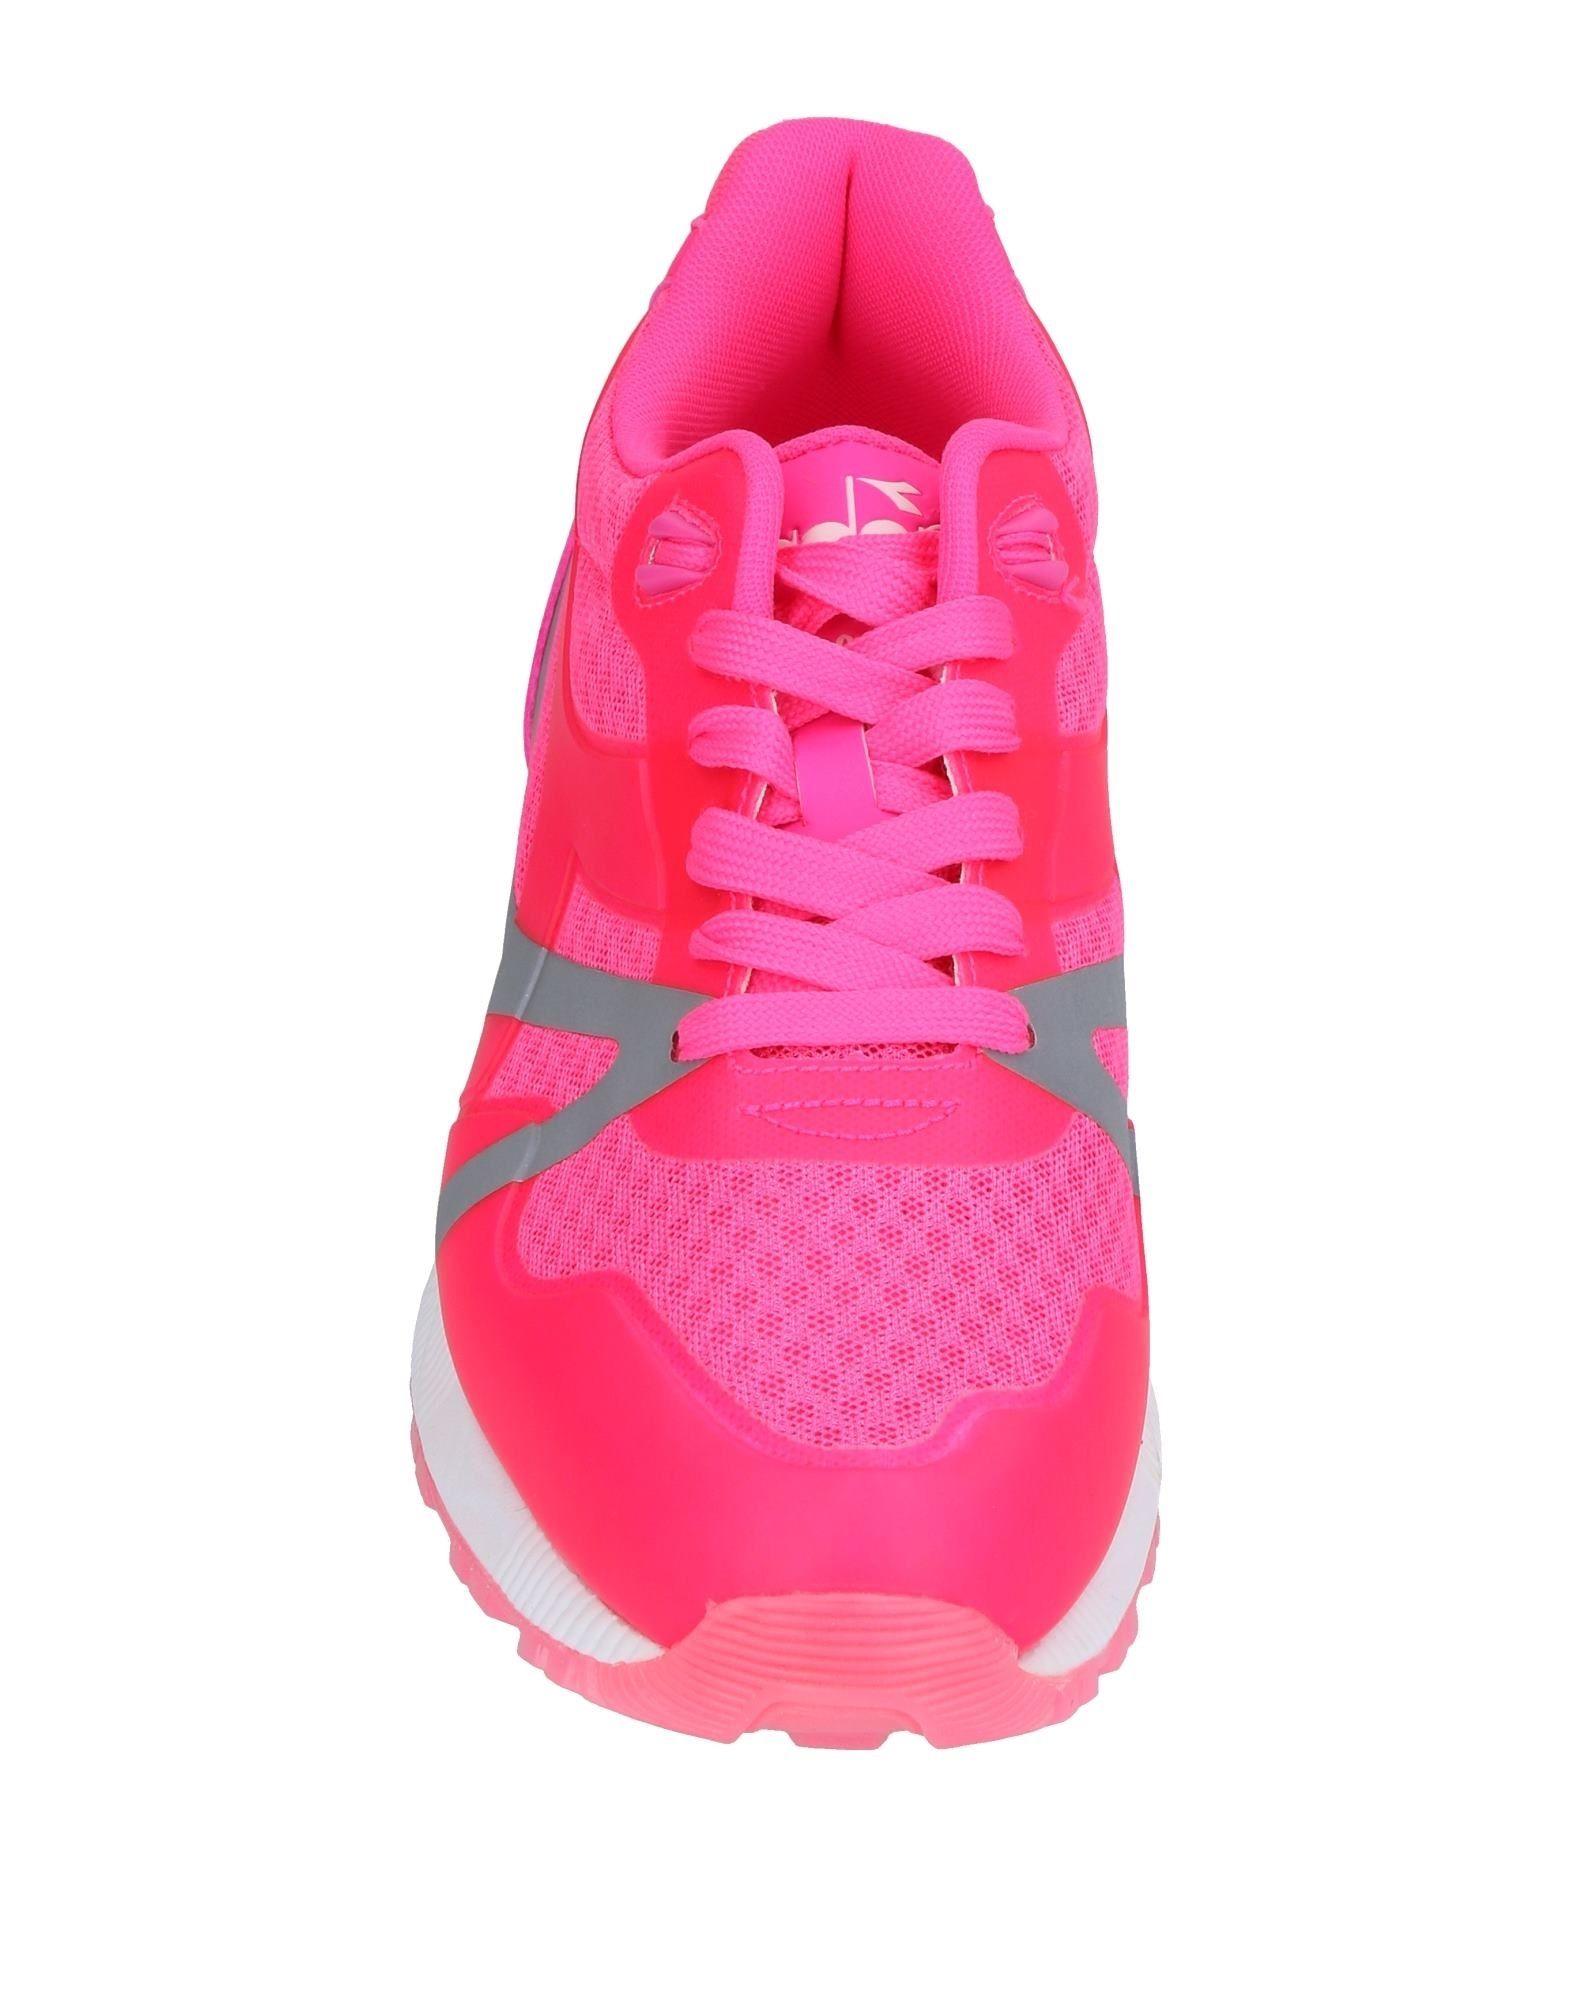 Diadora Sneakers Damen  11375846OQ Gute Schuhe Qualität beliebte Schuhe Gute 381959